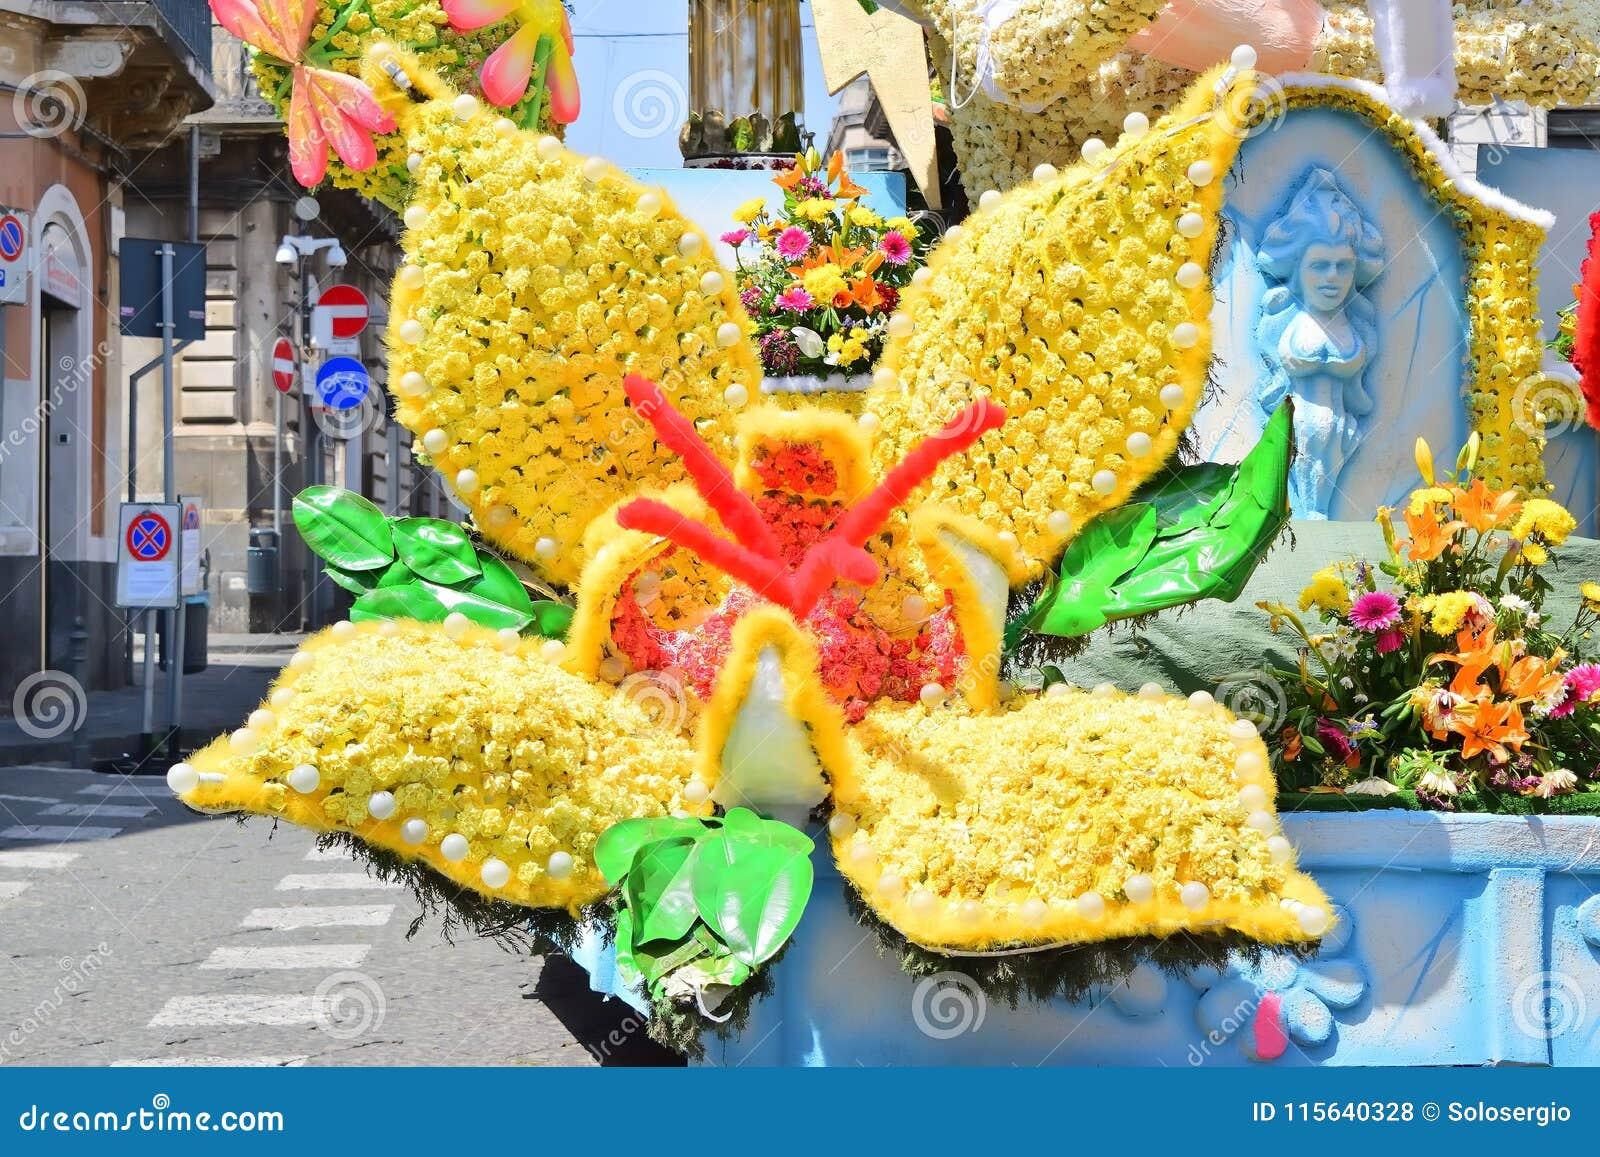 Flotteur fleuri dépeignant de divers caractères d imagination